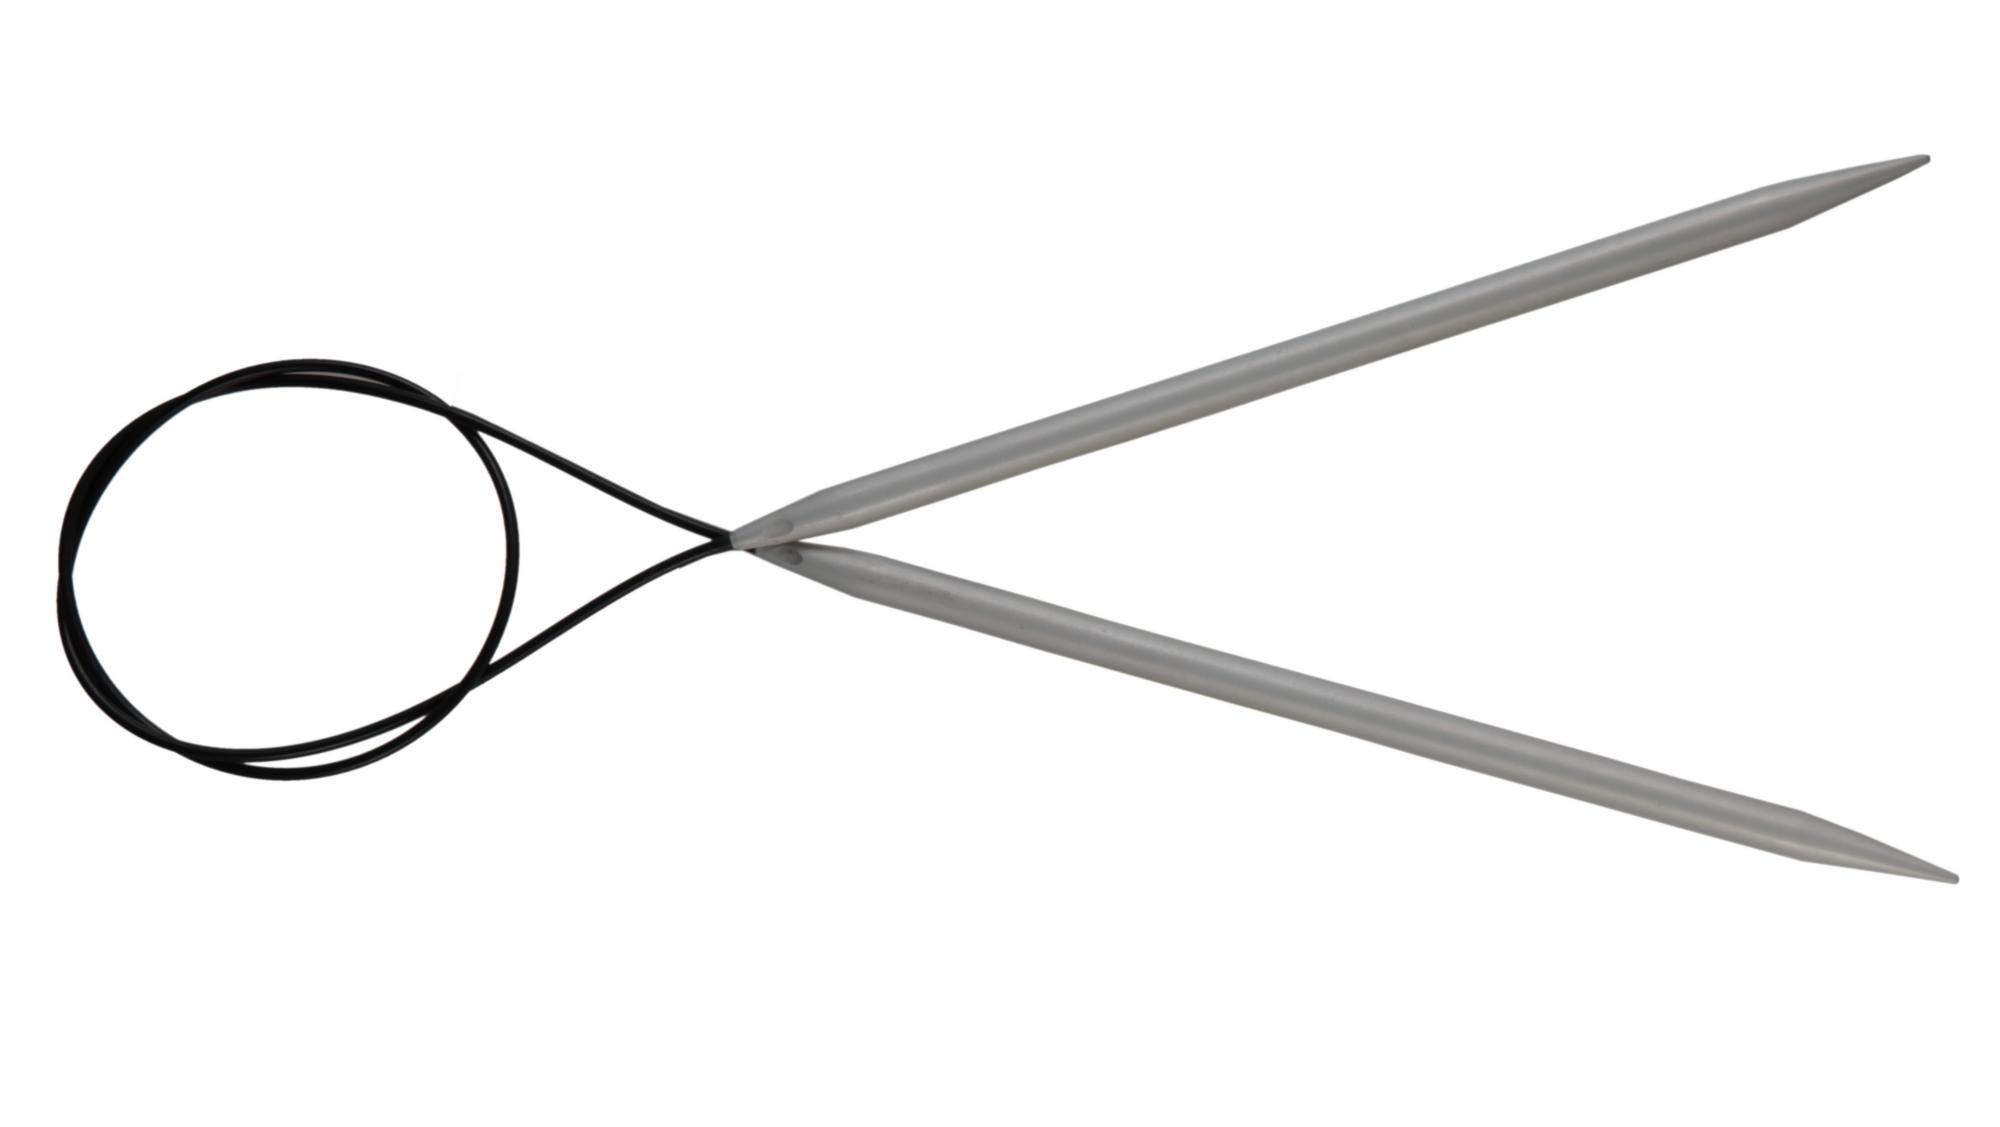 Спицы круговые 150 см Basix Aluminium KnitPro, 45390, 3.75 мм